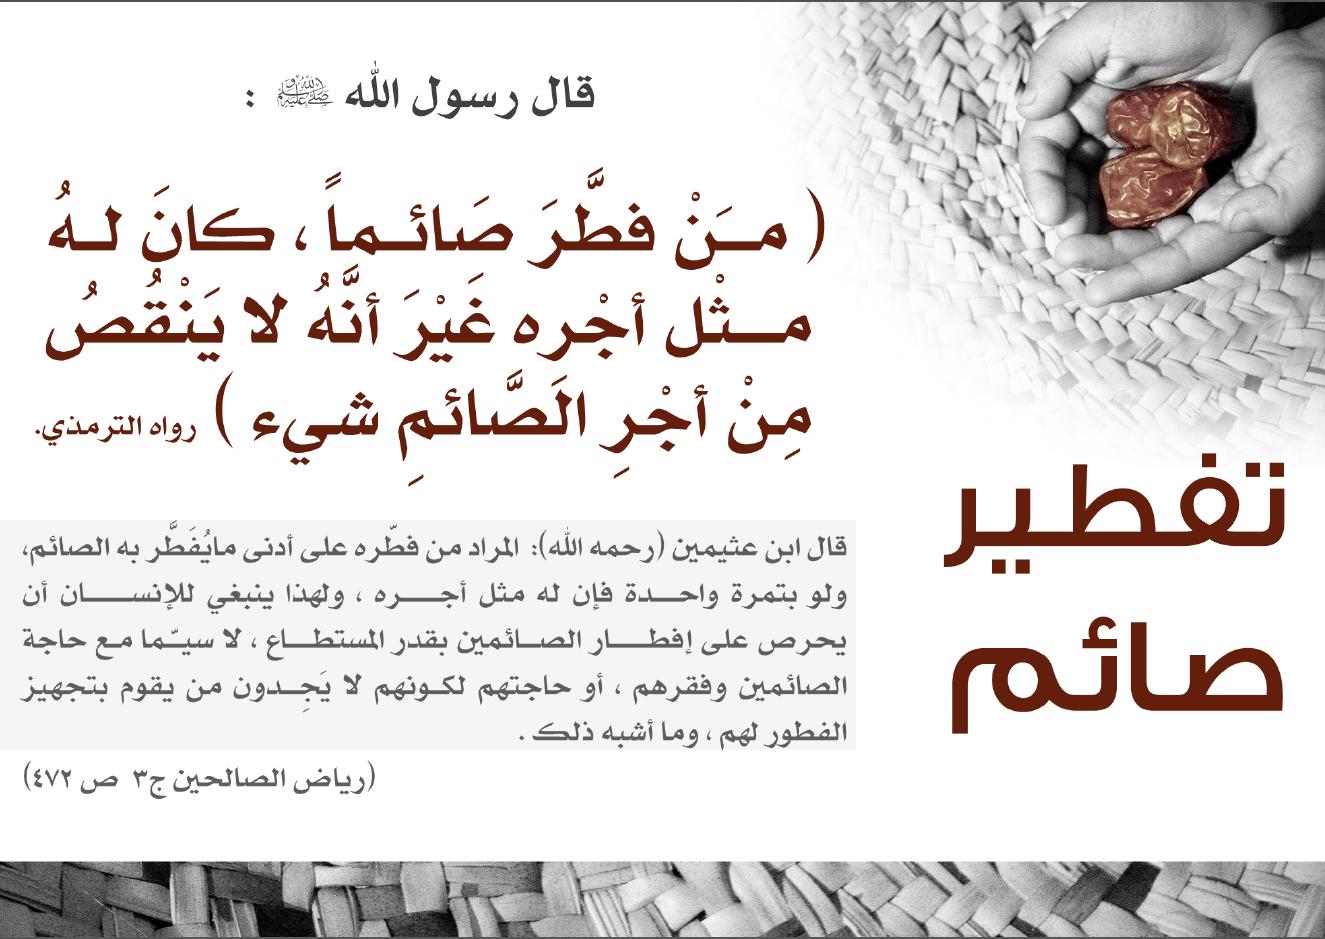 عن زيد بن خالد الجهنى رضى الله عنه عن النبي صلى الله علية وسلم قال من